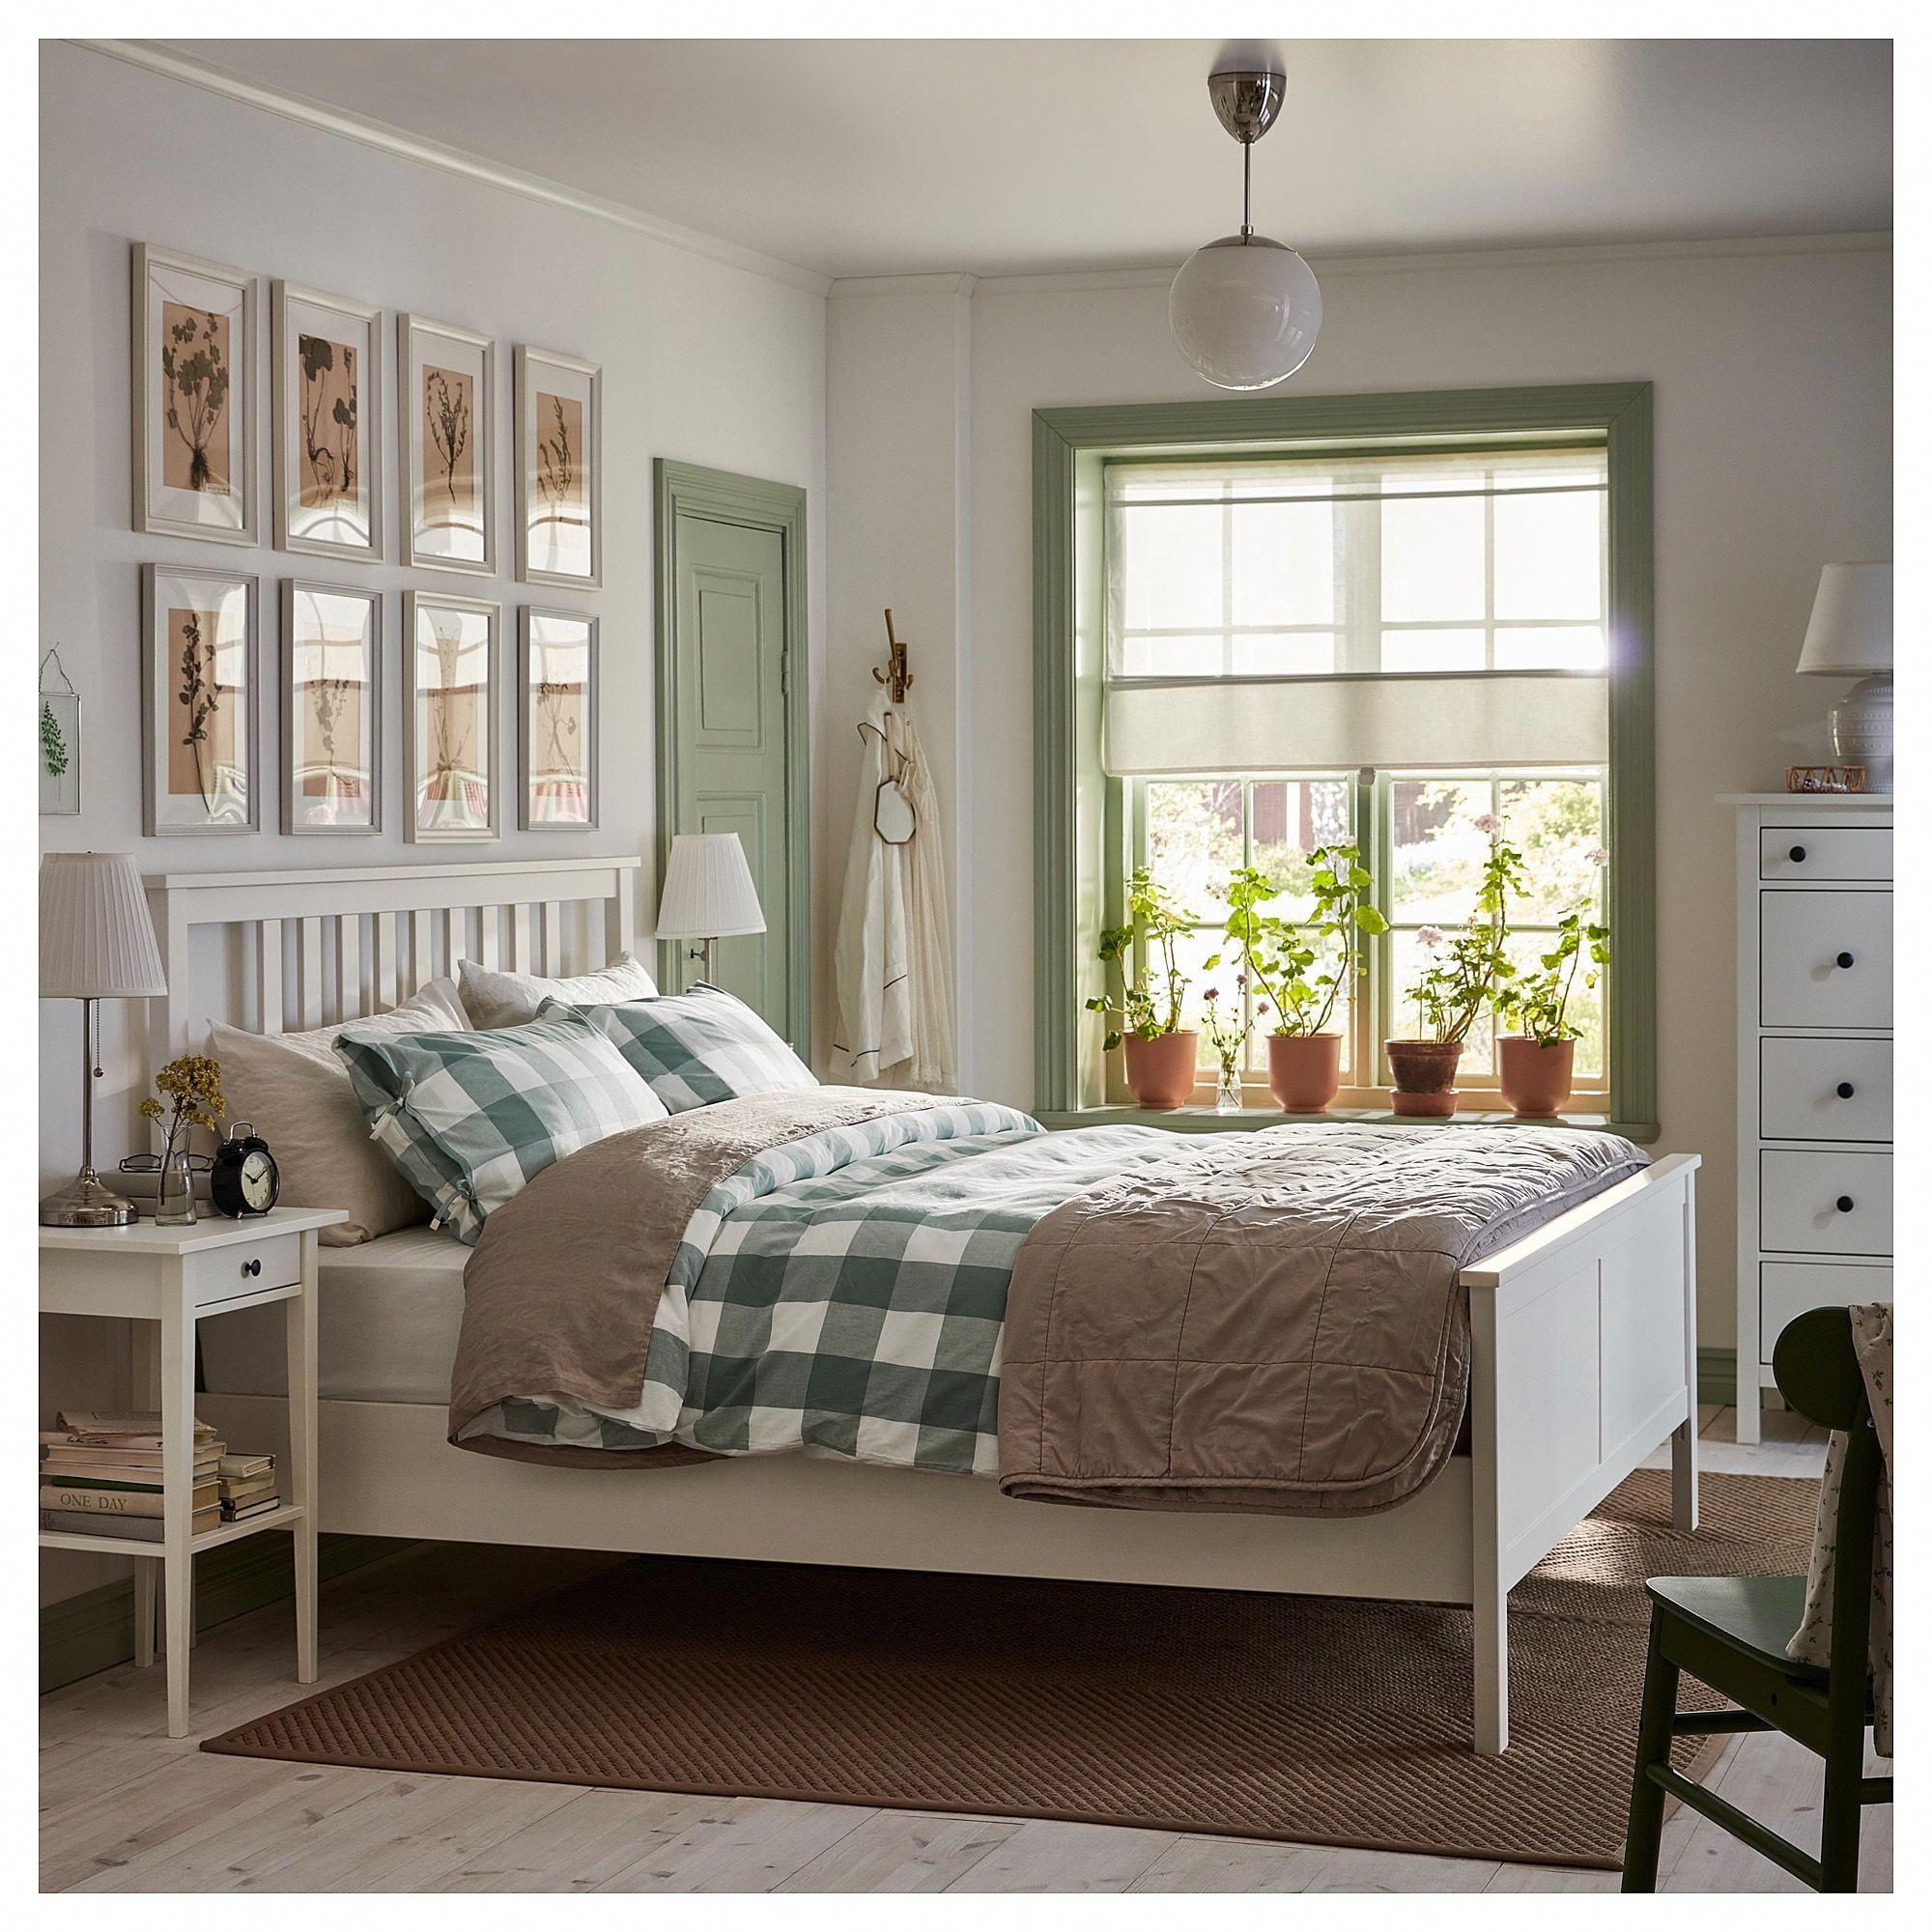 IKEA HEMNES White Stain, Espevär Bed frame